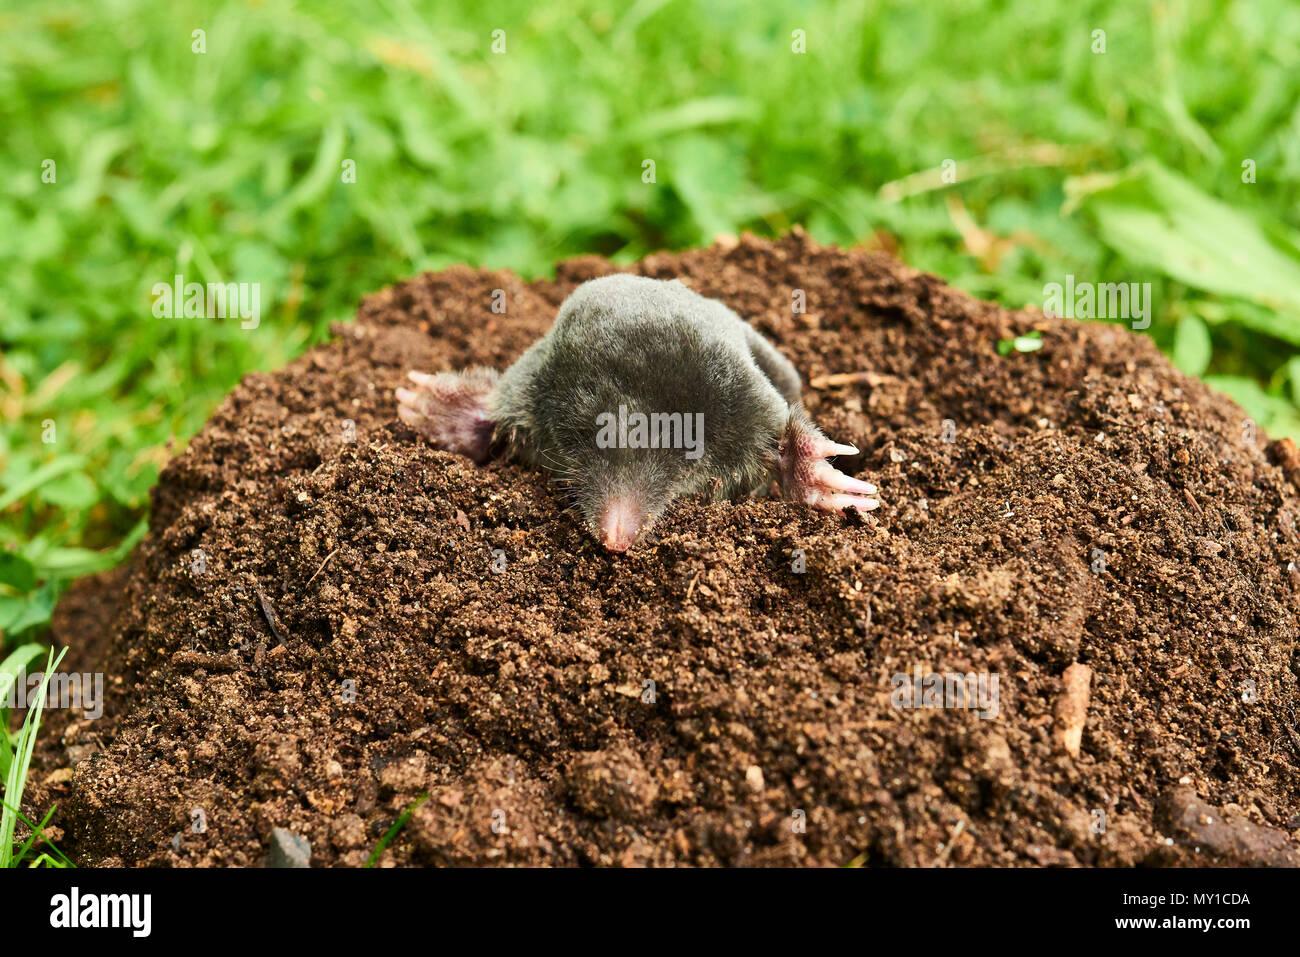 Close up di mole in giardino talpa europaea strisciando fuori